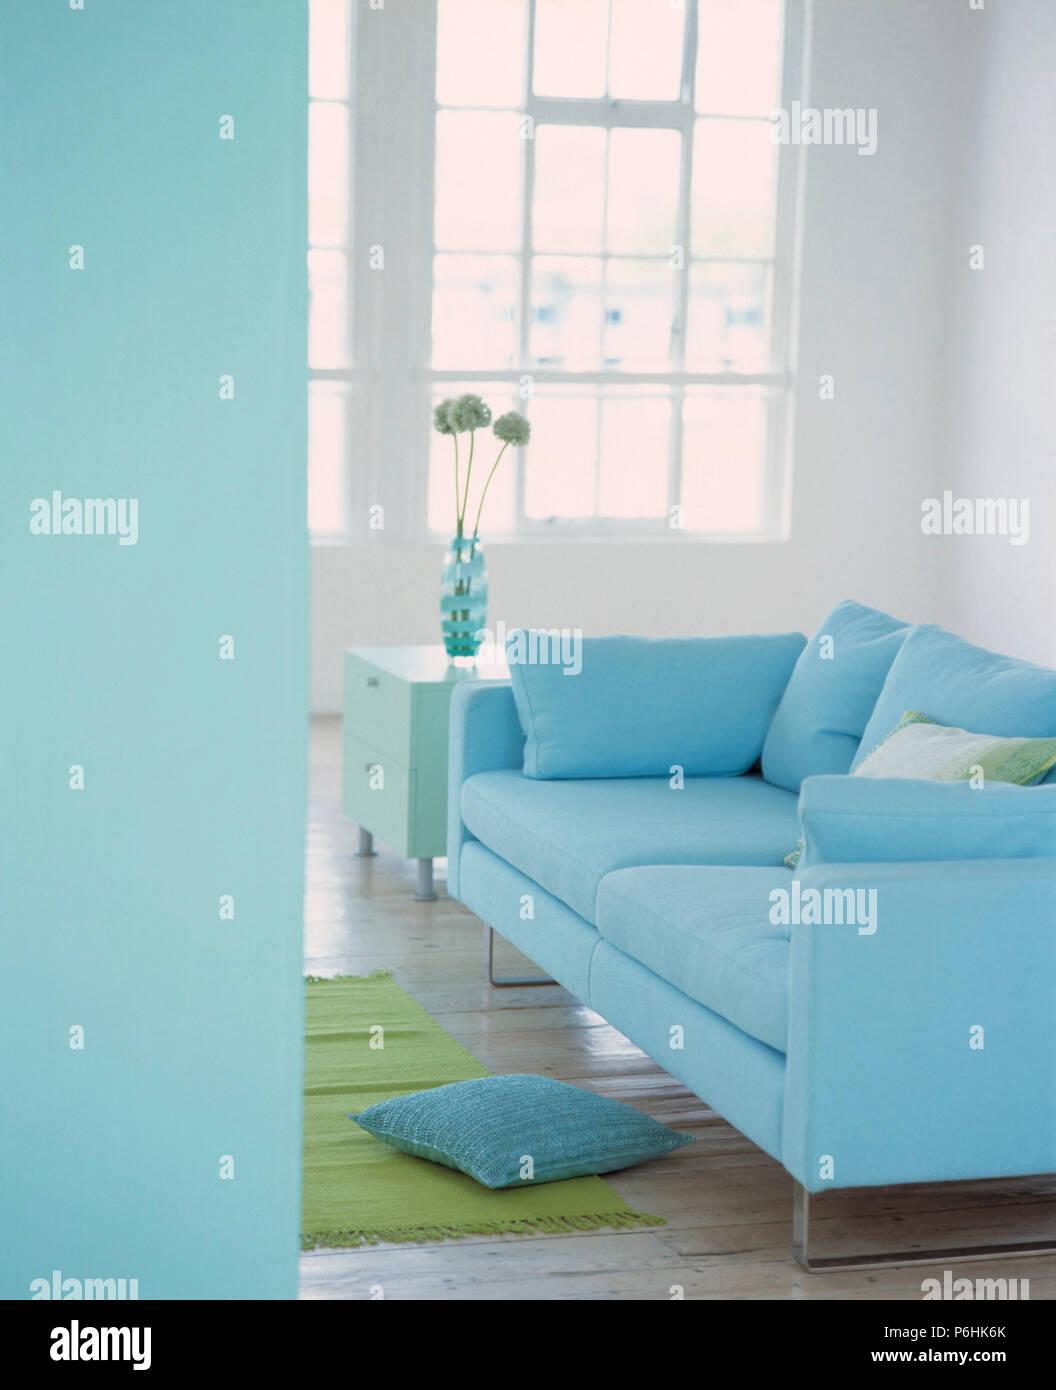 Pastell Blaue Sofa Im Wohnzimmer